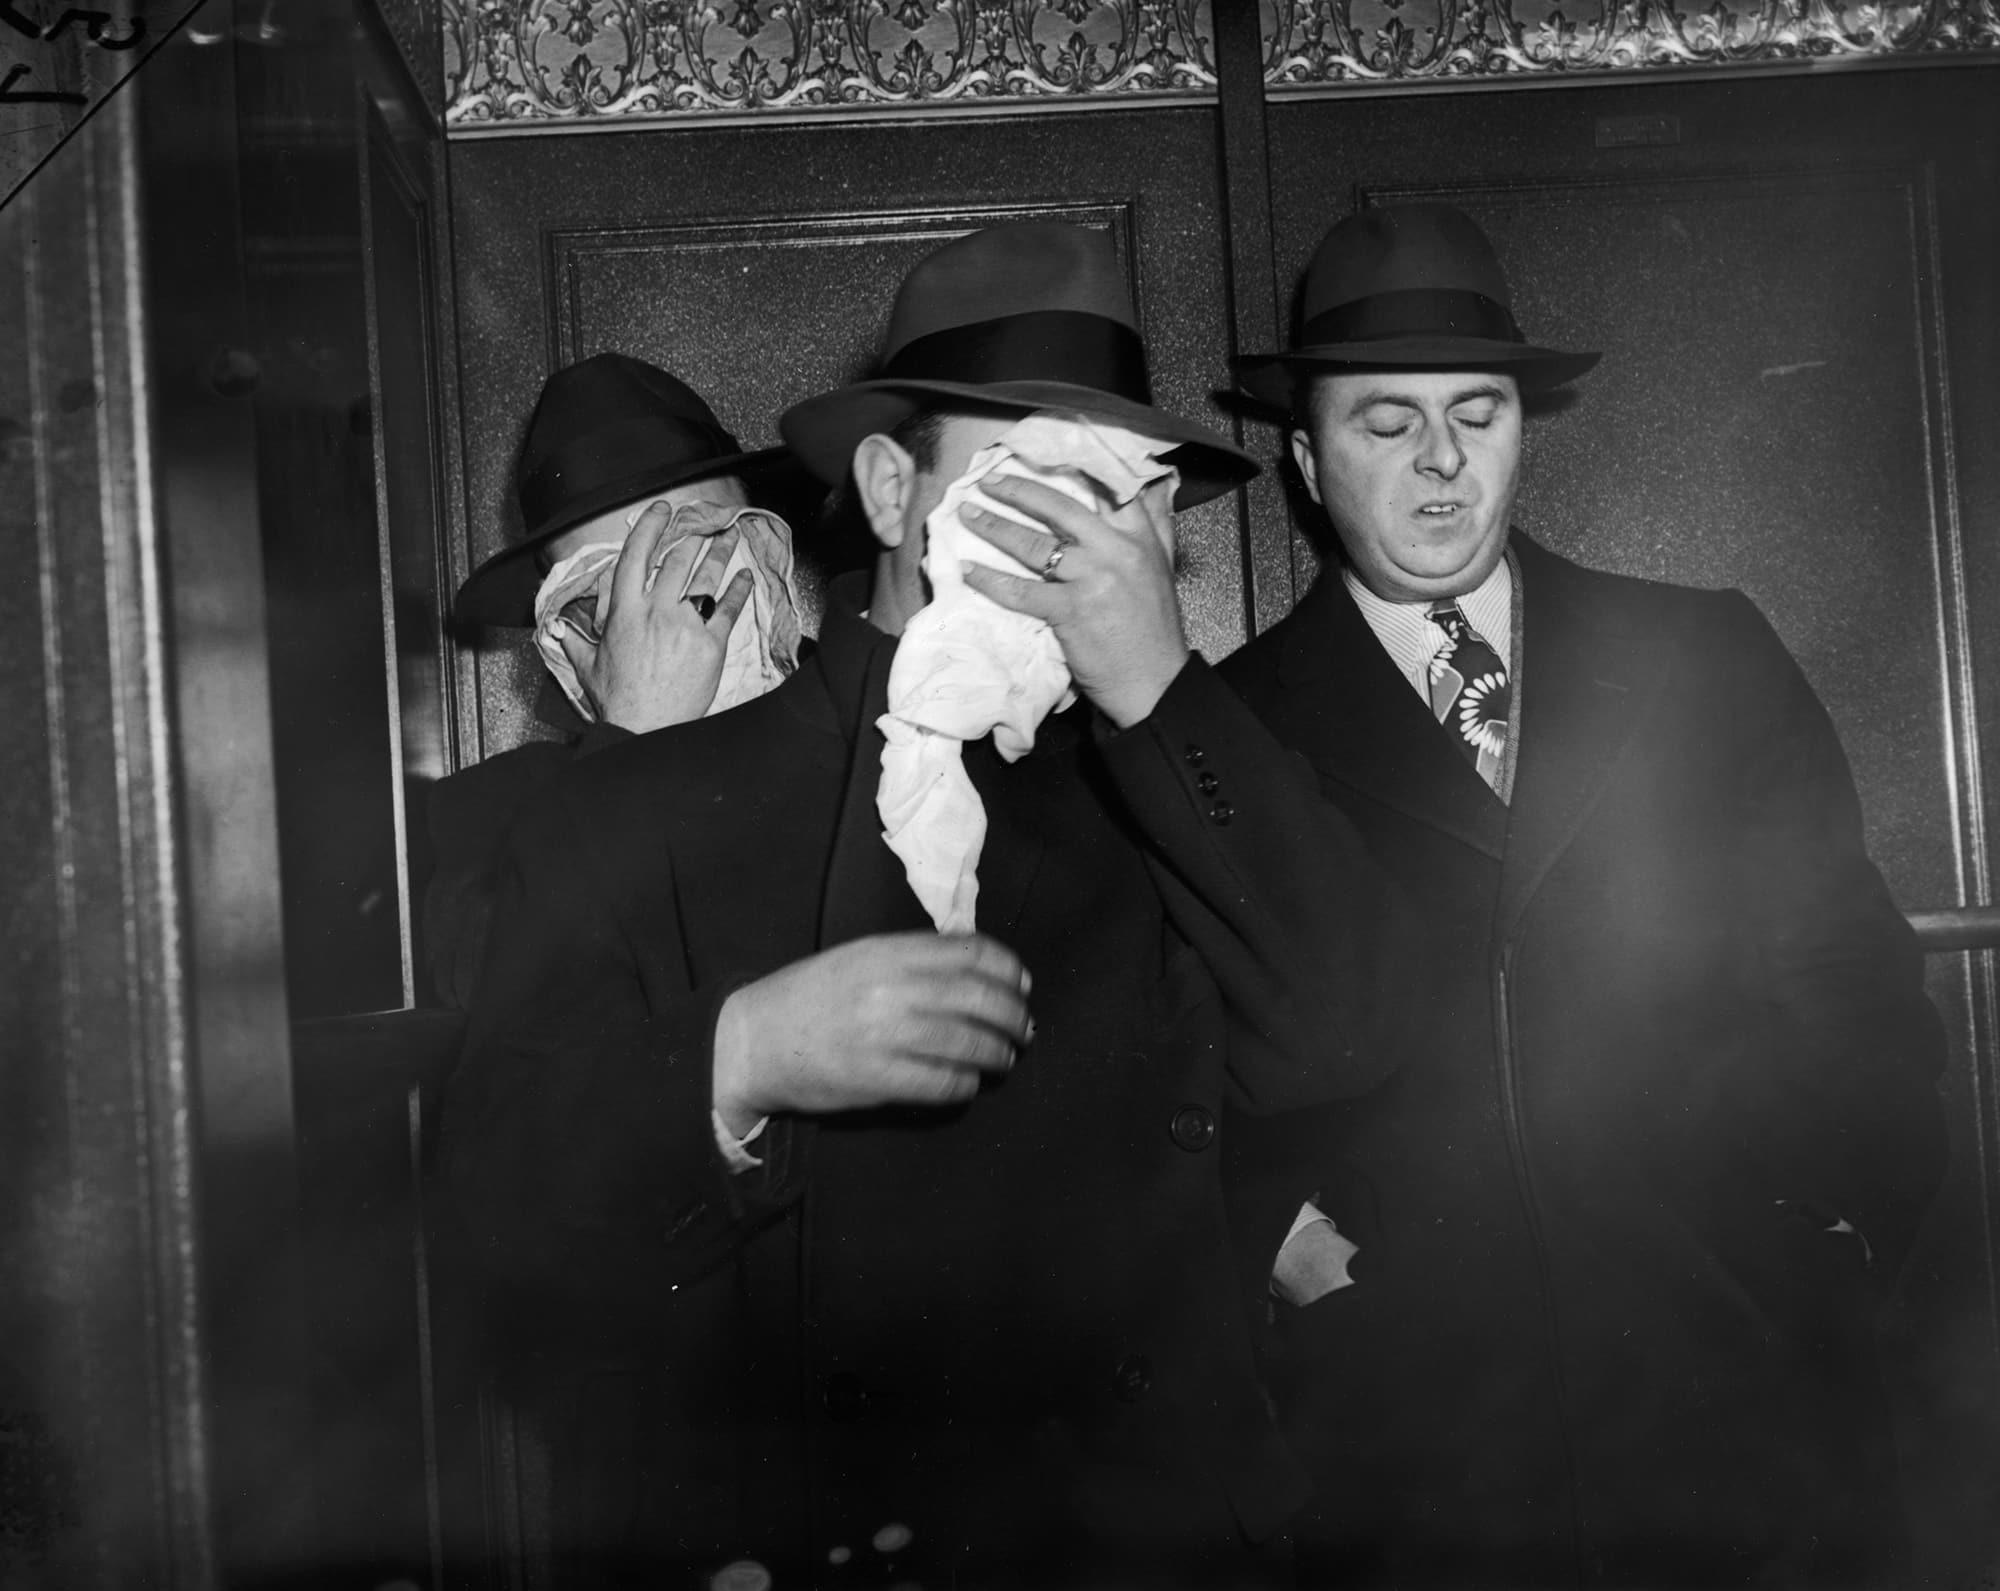 ウィージー「誰よりも早く現場に駆けつけ、写真を撮った男」 | Weegee(Arthur Fellig)/International Center of Photography/Getty Images